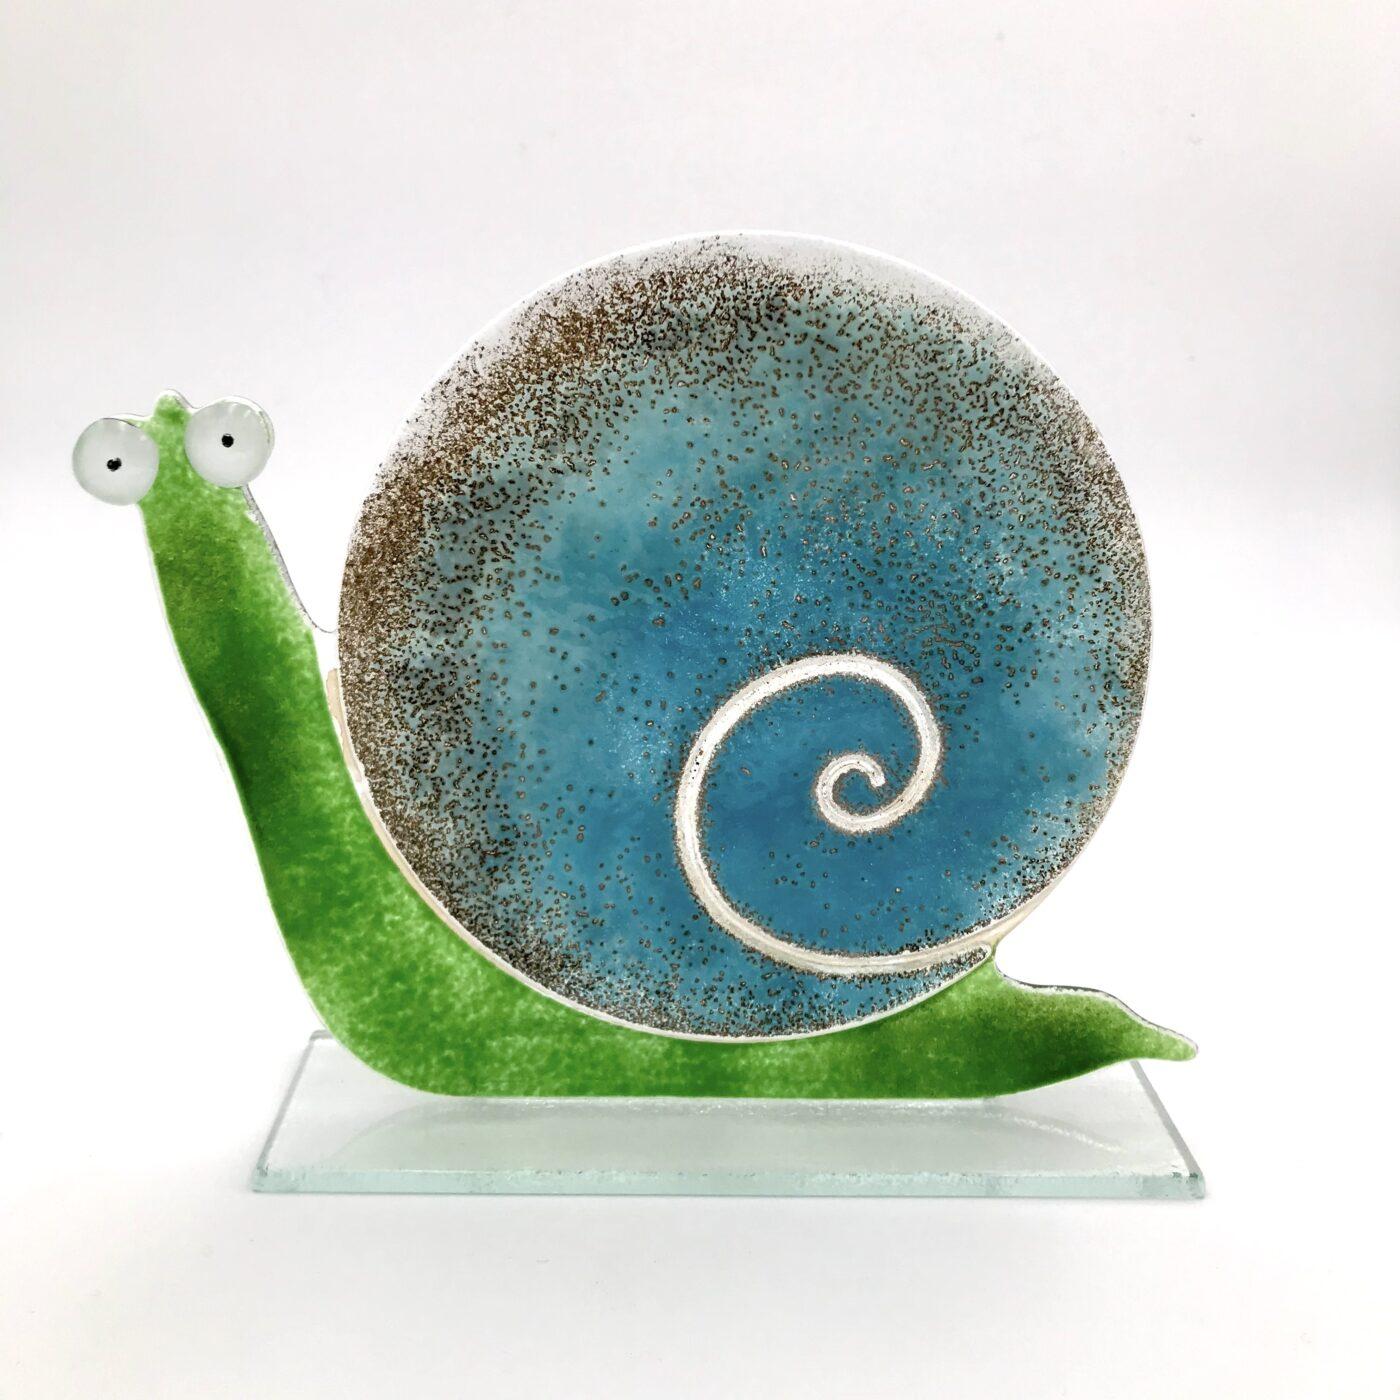 large glass snail ocean blue colour